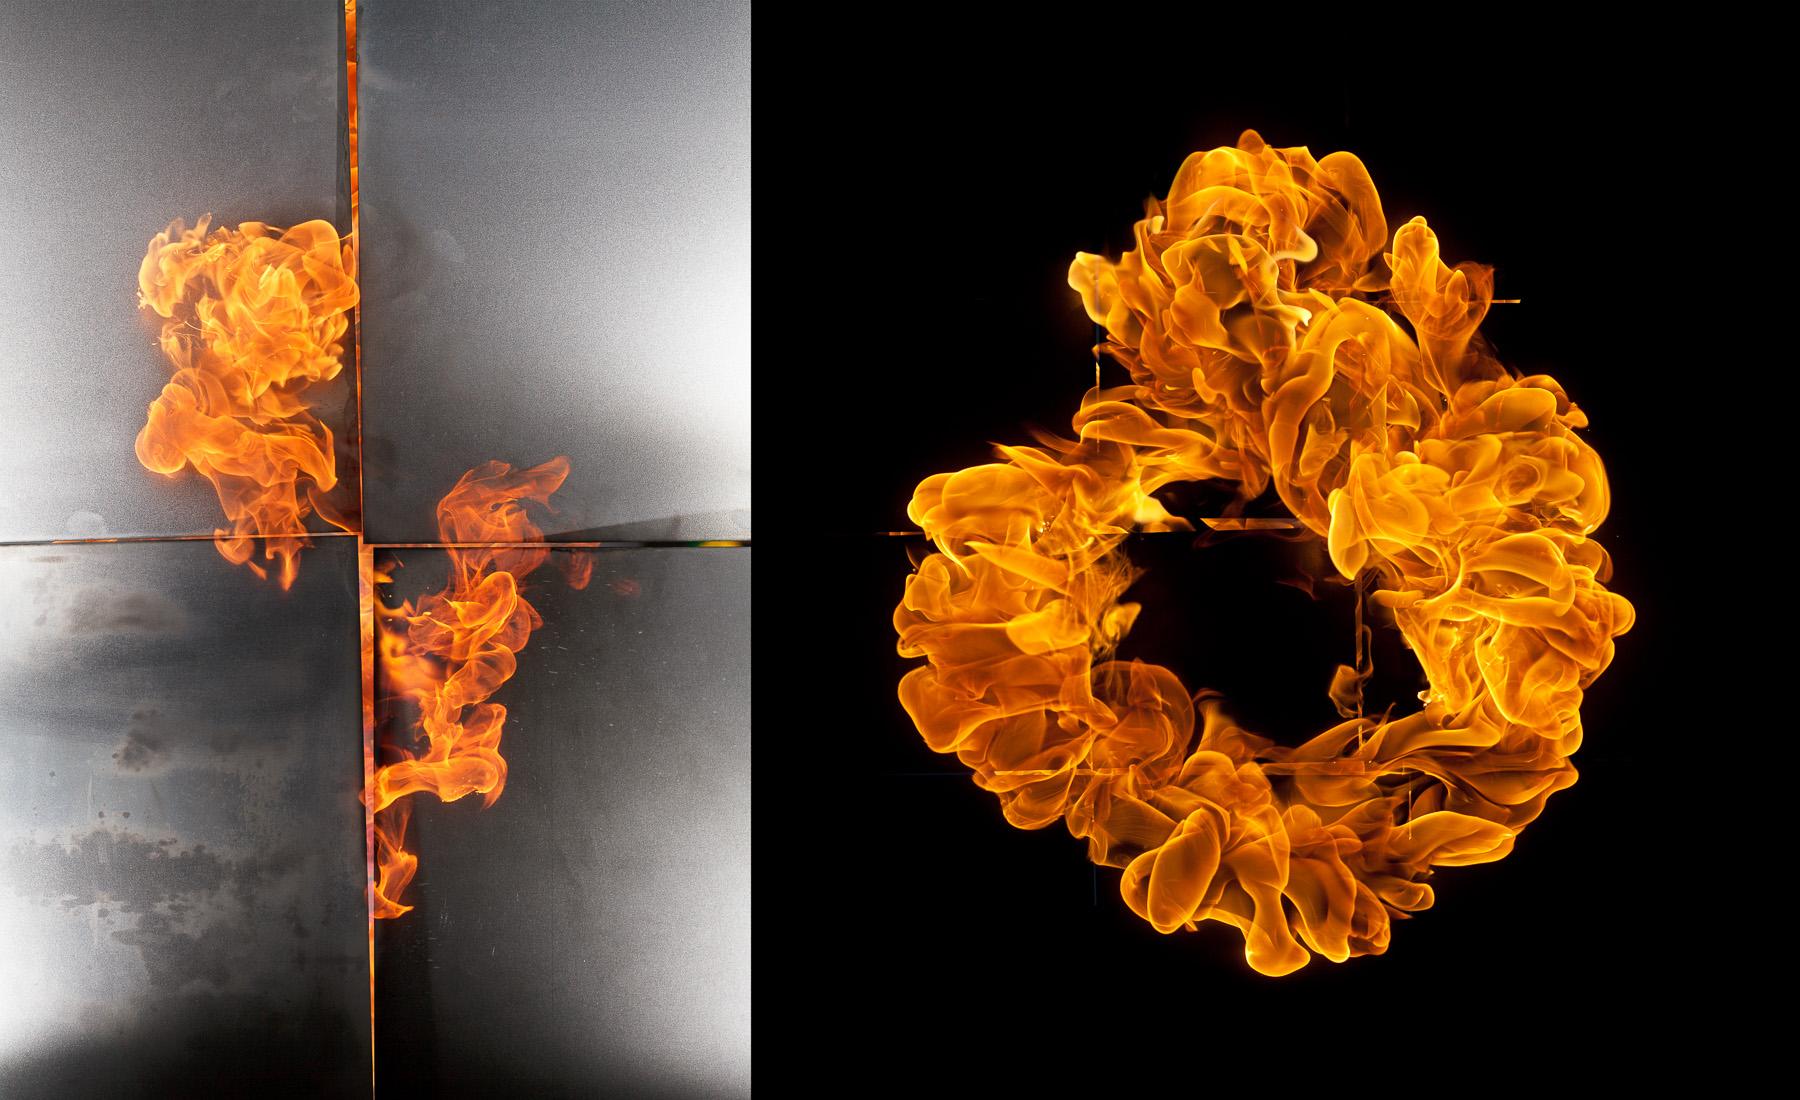 smoke-fire-4.jpg